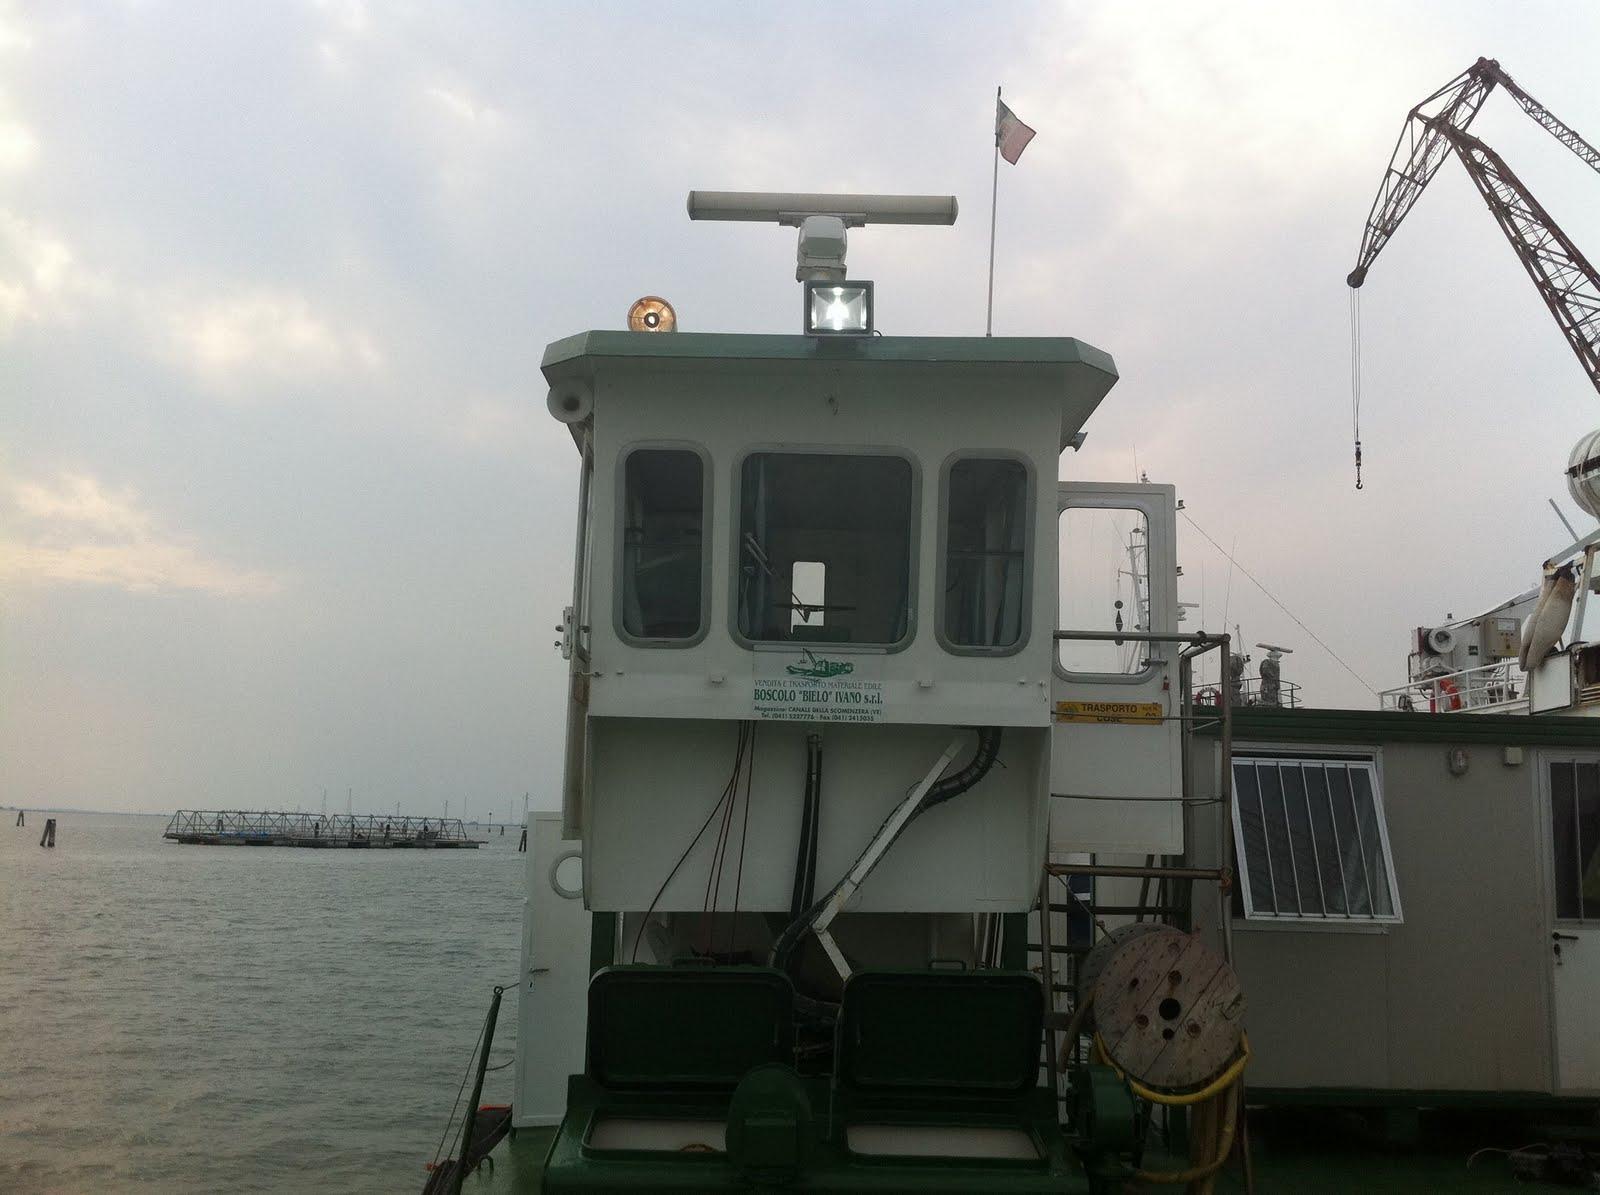 Cantiere navale gruppo faldis: led da lavoro